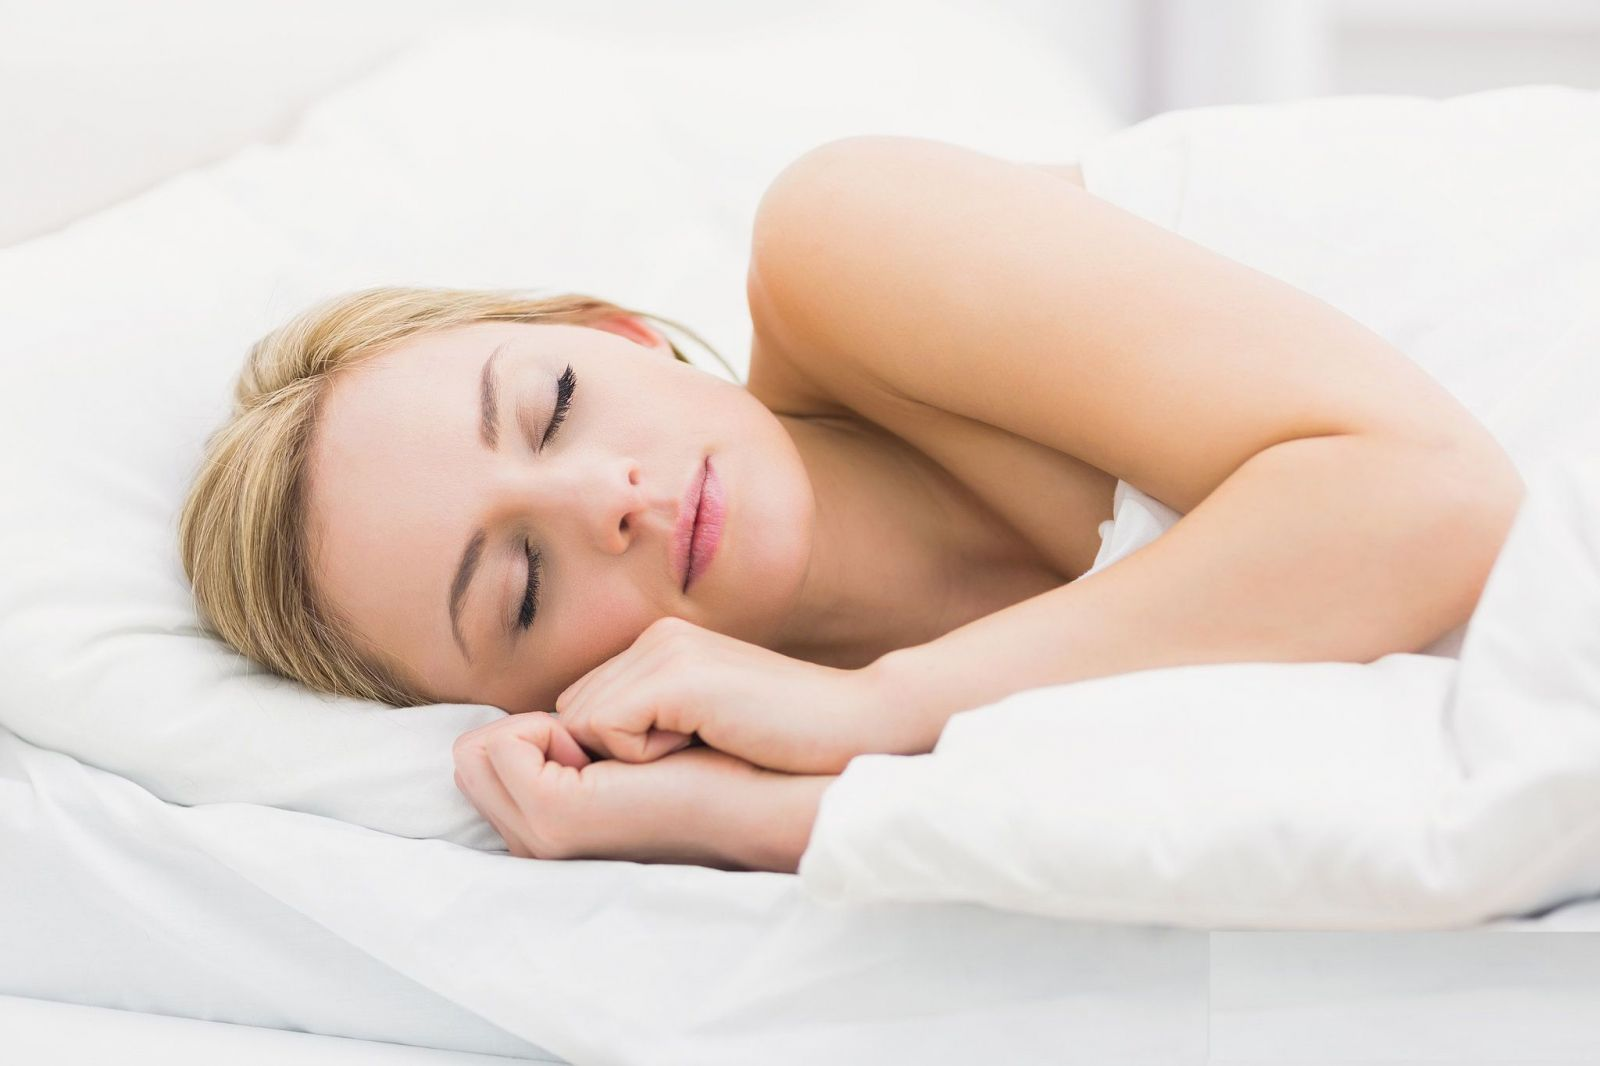 Những thói quen xấu khi ngủ sẽ ảnh hưởng nhiều đến tăng chiều cao